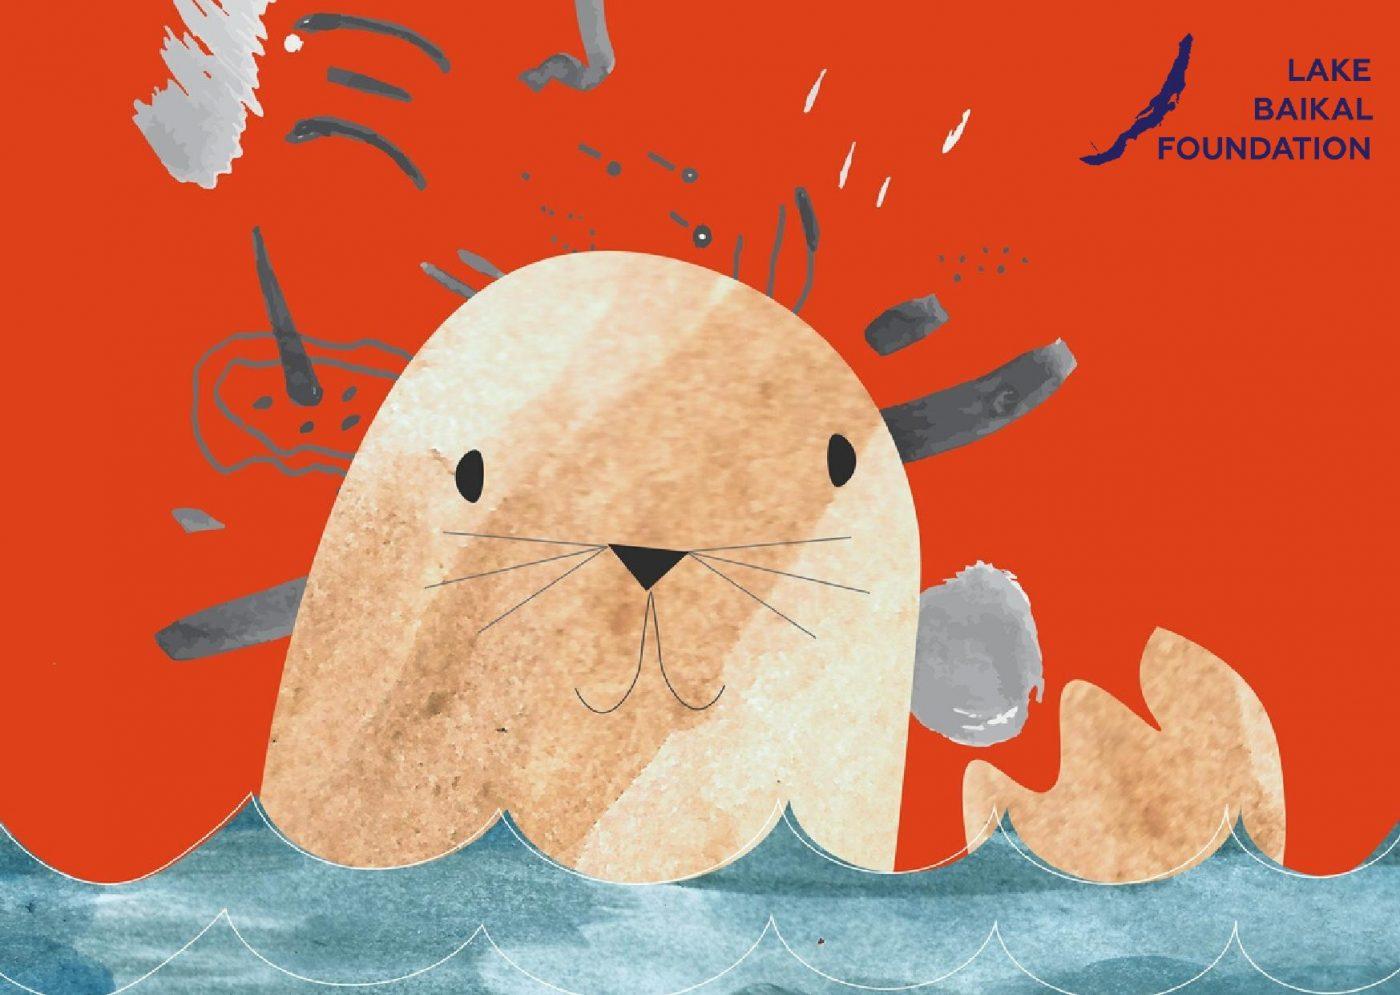 Онлайн-урок о байкальской нерпе доступен по всему миру на английском языке